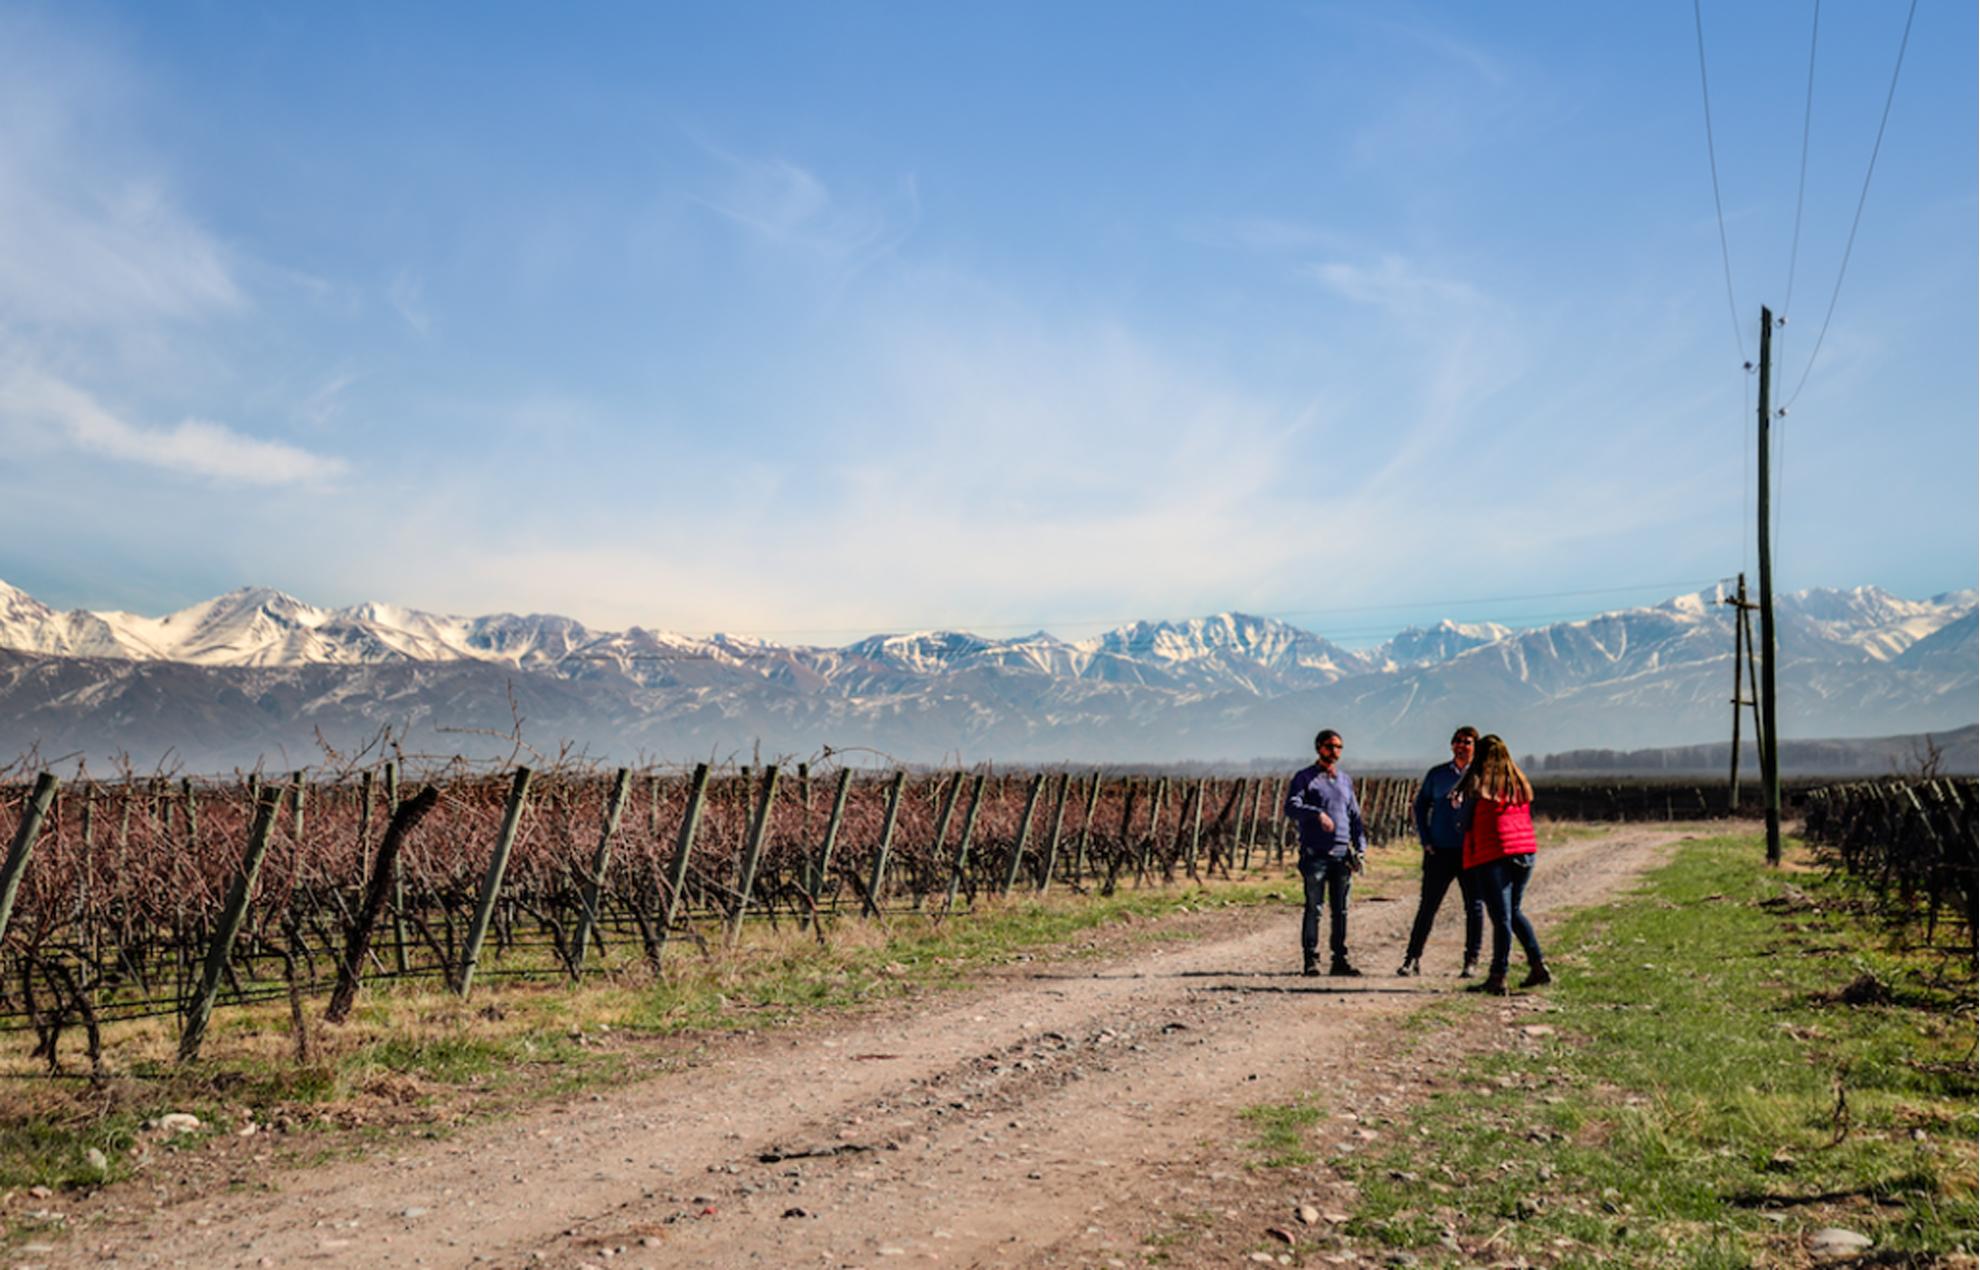 Vue d'un paysage de rangées de vignes et d'un groupe de personnes avec en arrière-plan une chaîne de montagnes.